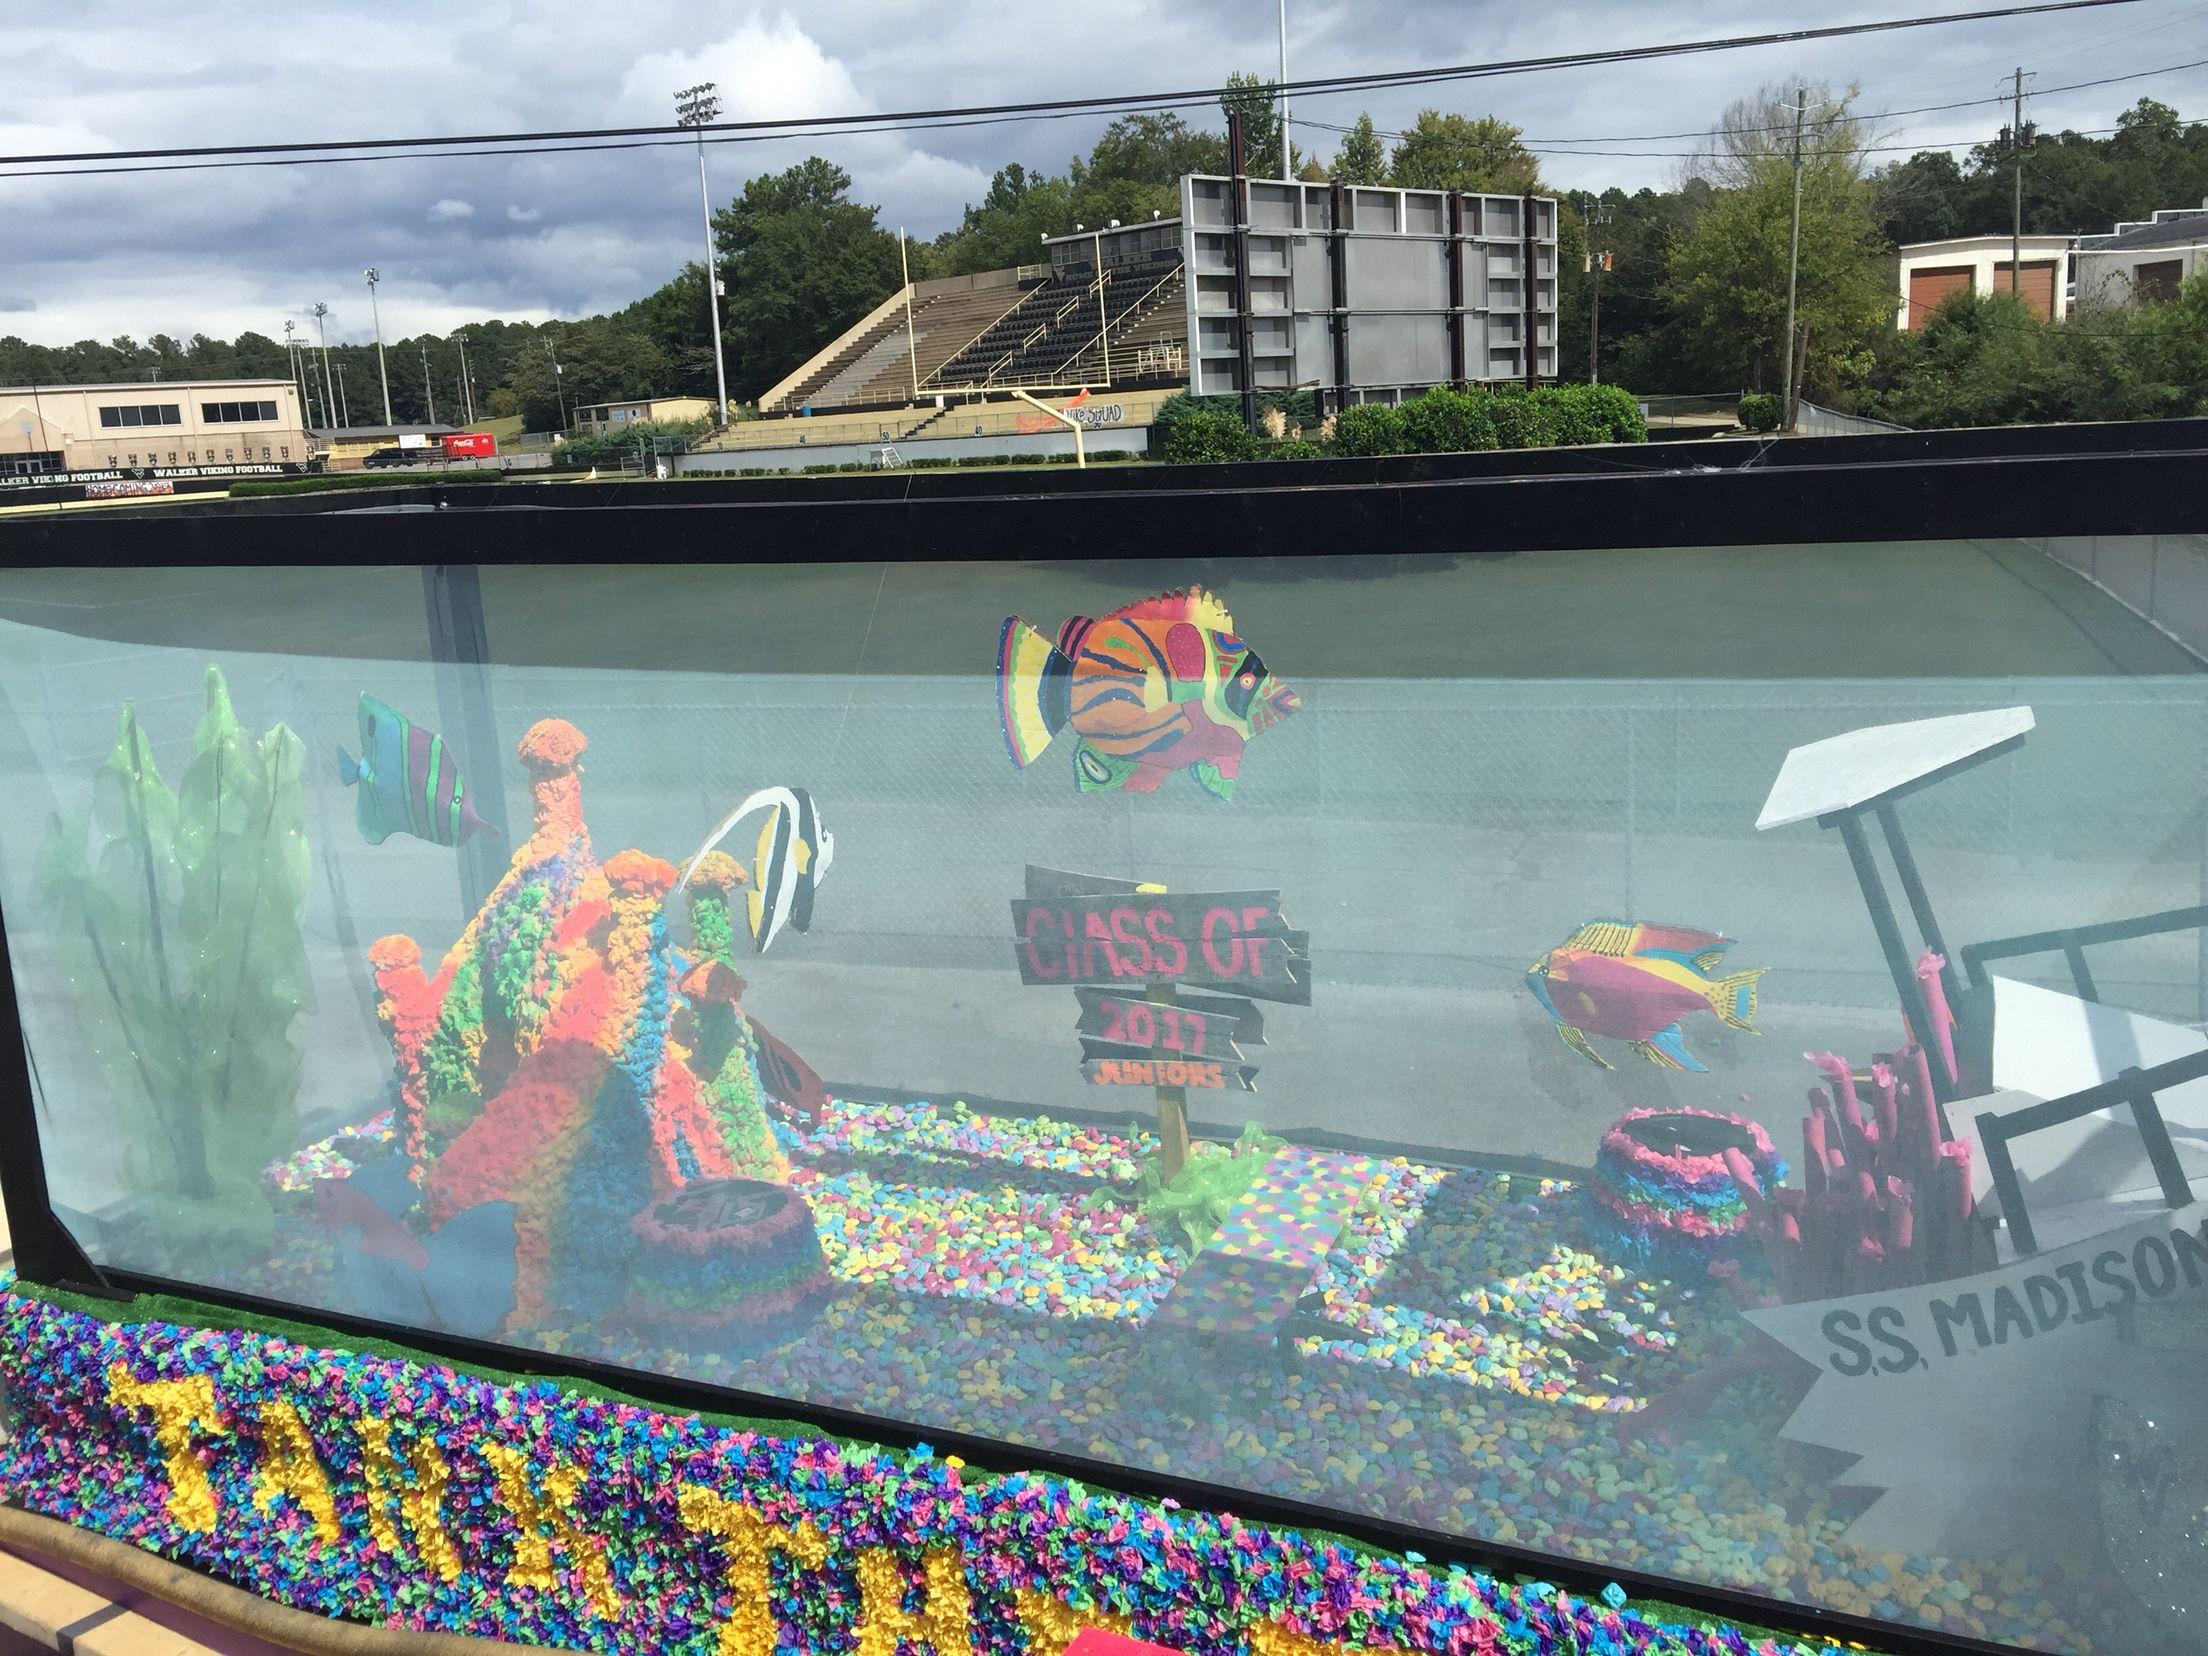 Fish Tank Home ing Float Home ing Parade Float